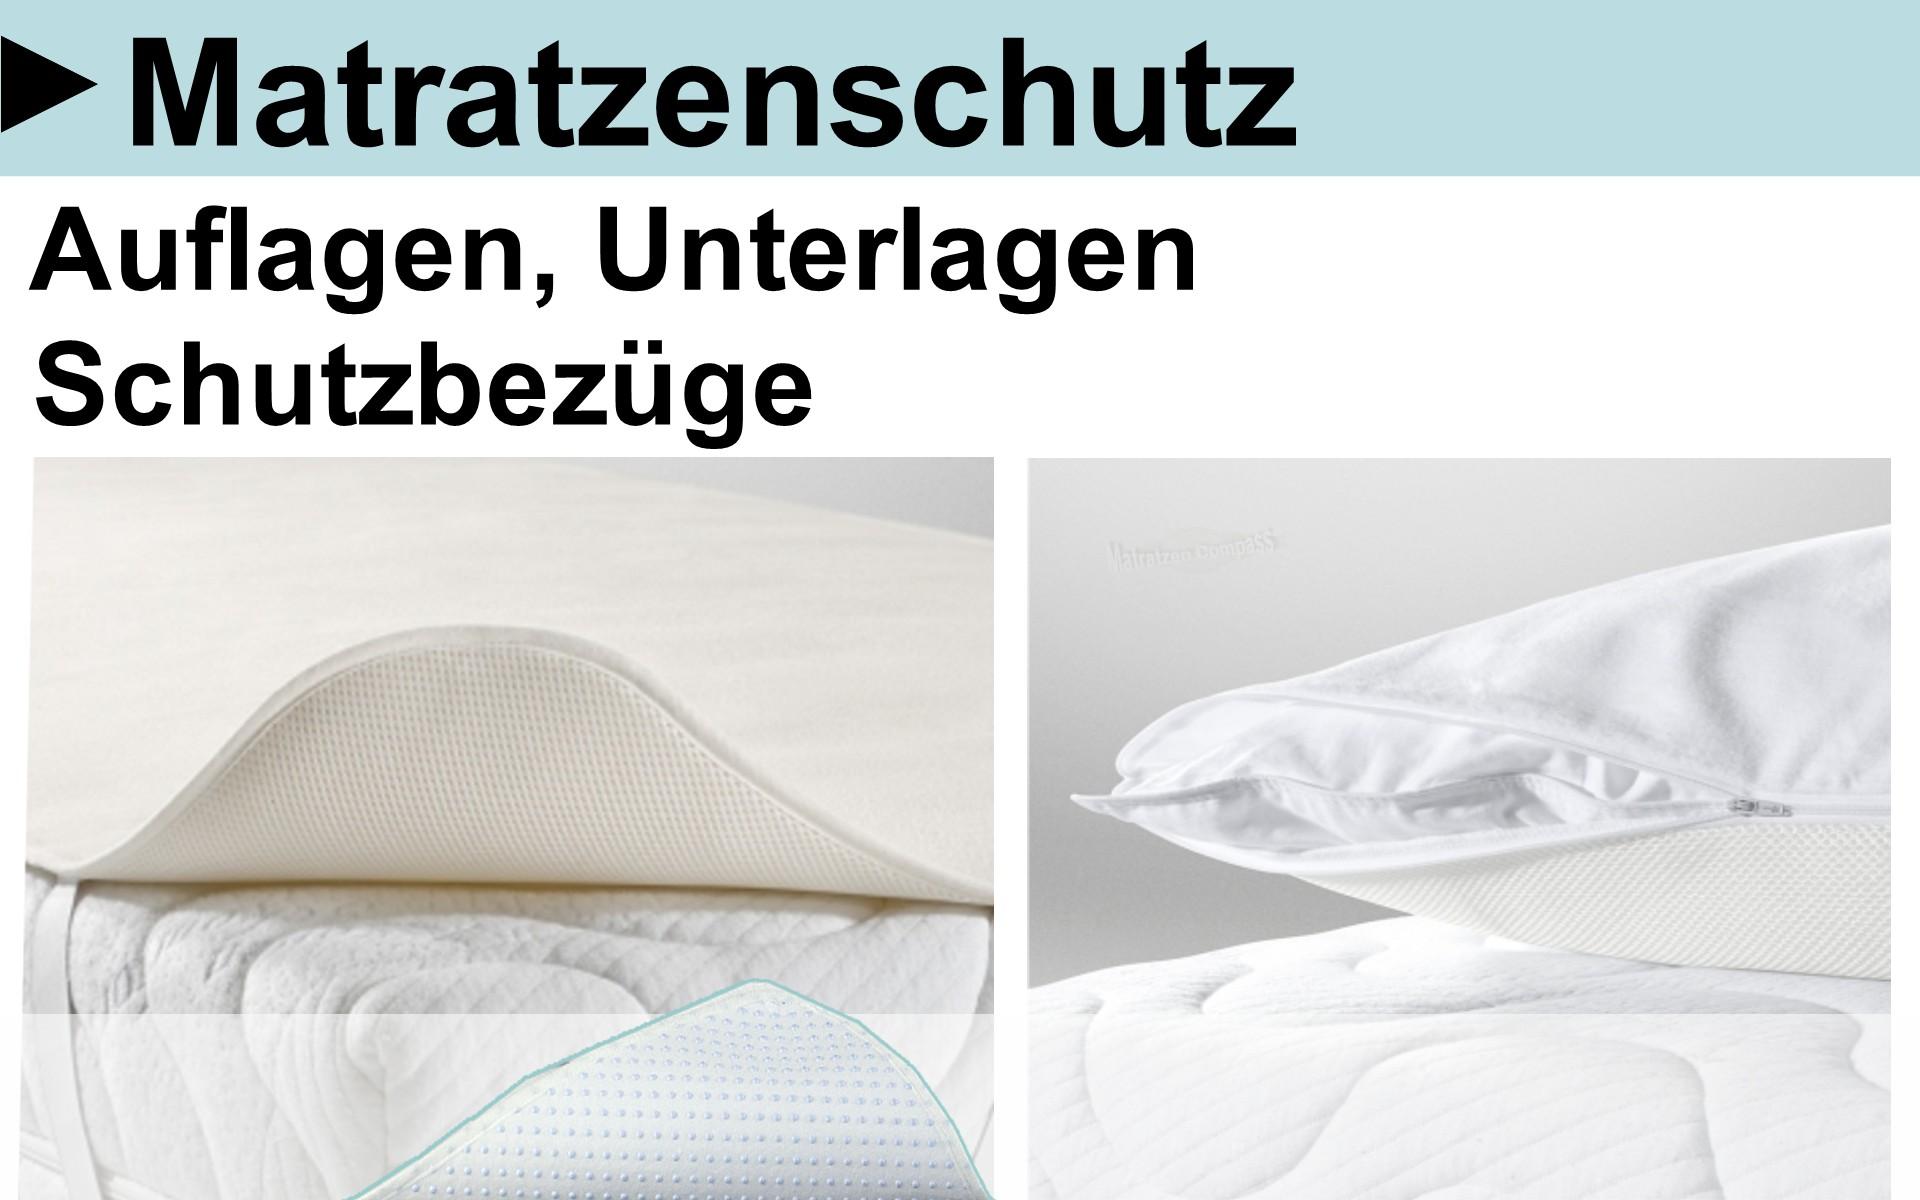 Matratzen Schoner, Matratzen Auflagen, Matratzen Unterlagen, Schutzauflagen für Matratzen